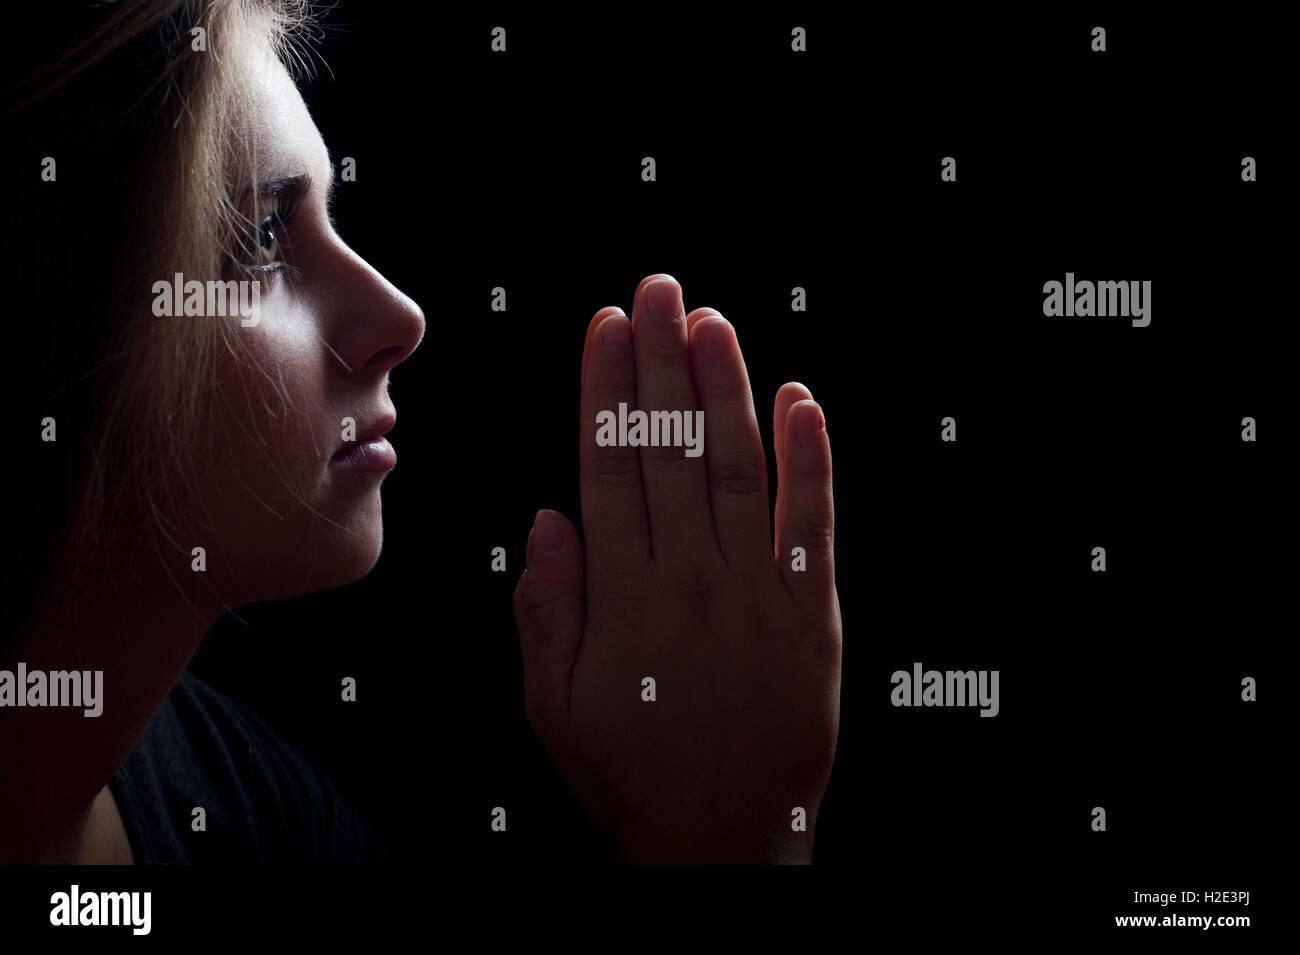 jeune fille en prière Photo Stock